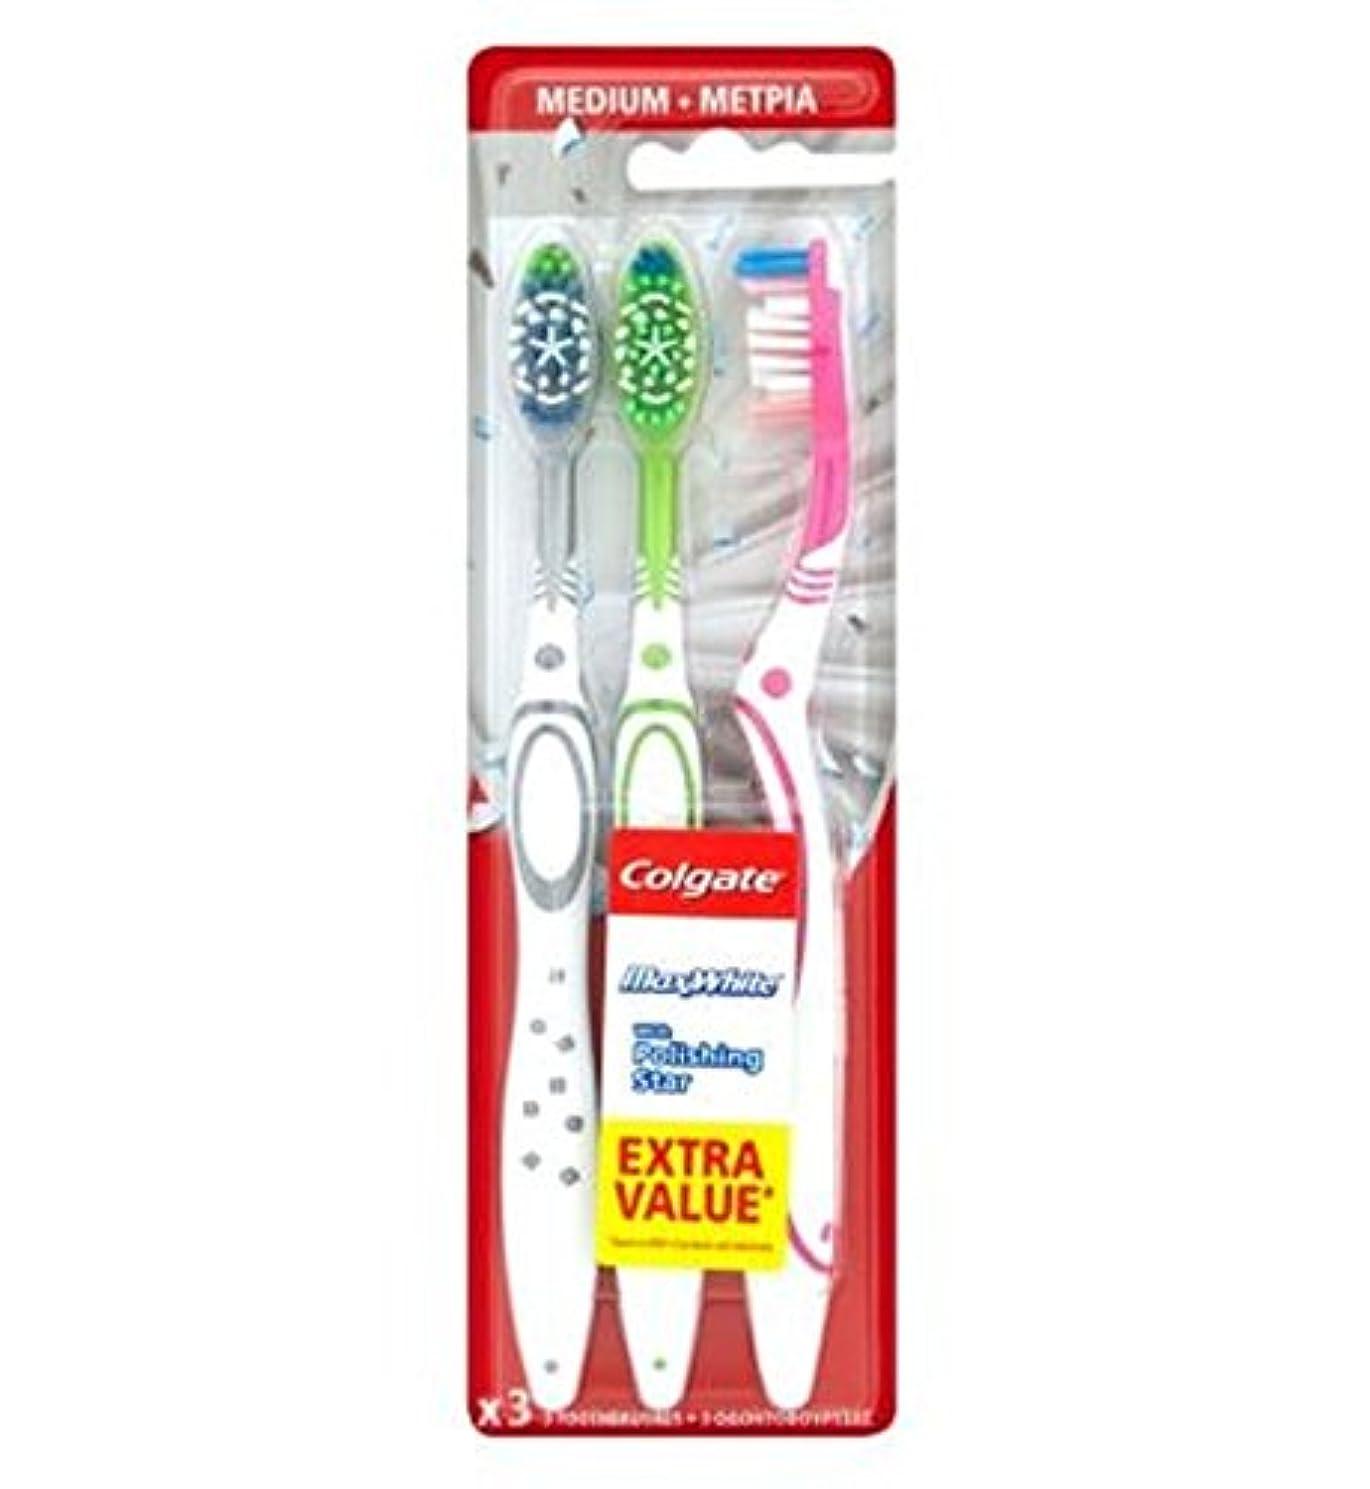 いつ創傷耳Colgate Max White Triple Pack toothbrush - コルゲートマックスホワイトトリプルパック歯ブラシ (Colgate) [並行輸入品]